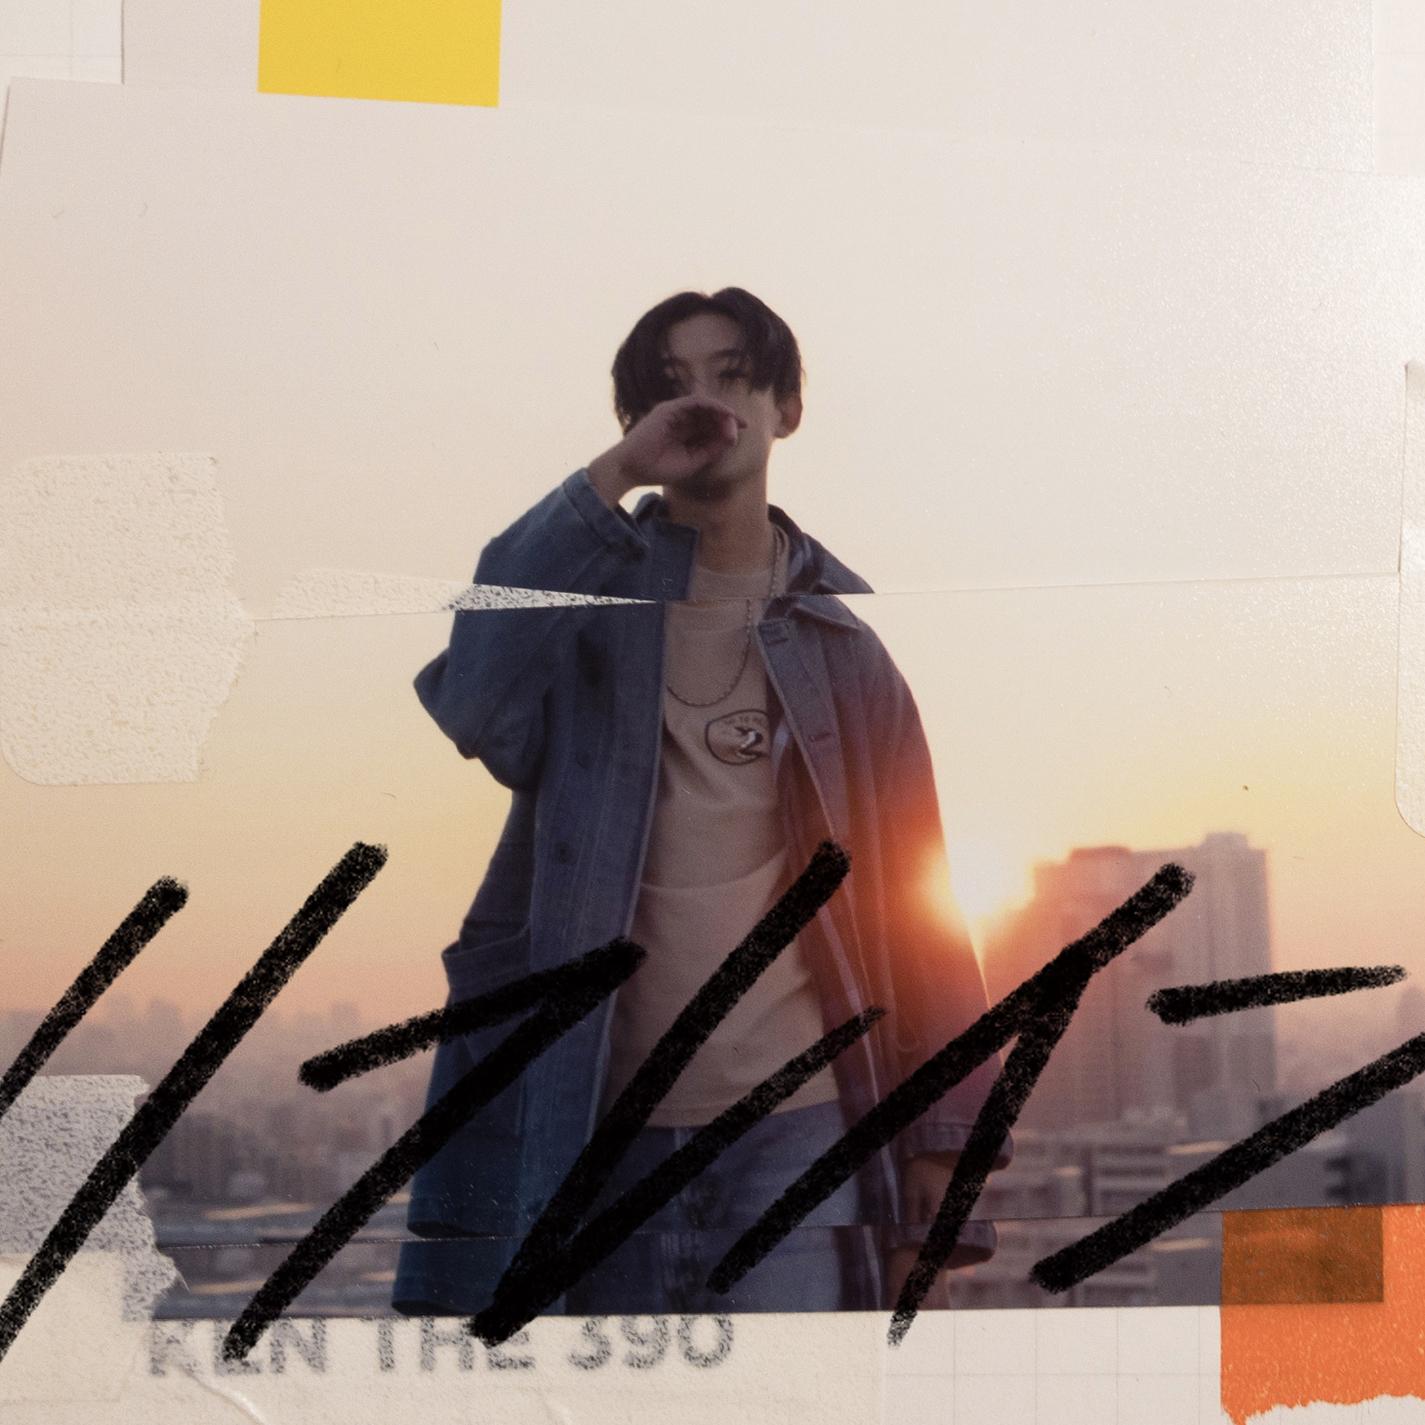 KEN THE 390 約2年半ぶりのオリジナルアルバムリリース決定!表題曲のMVを公開サムネイル画像